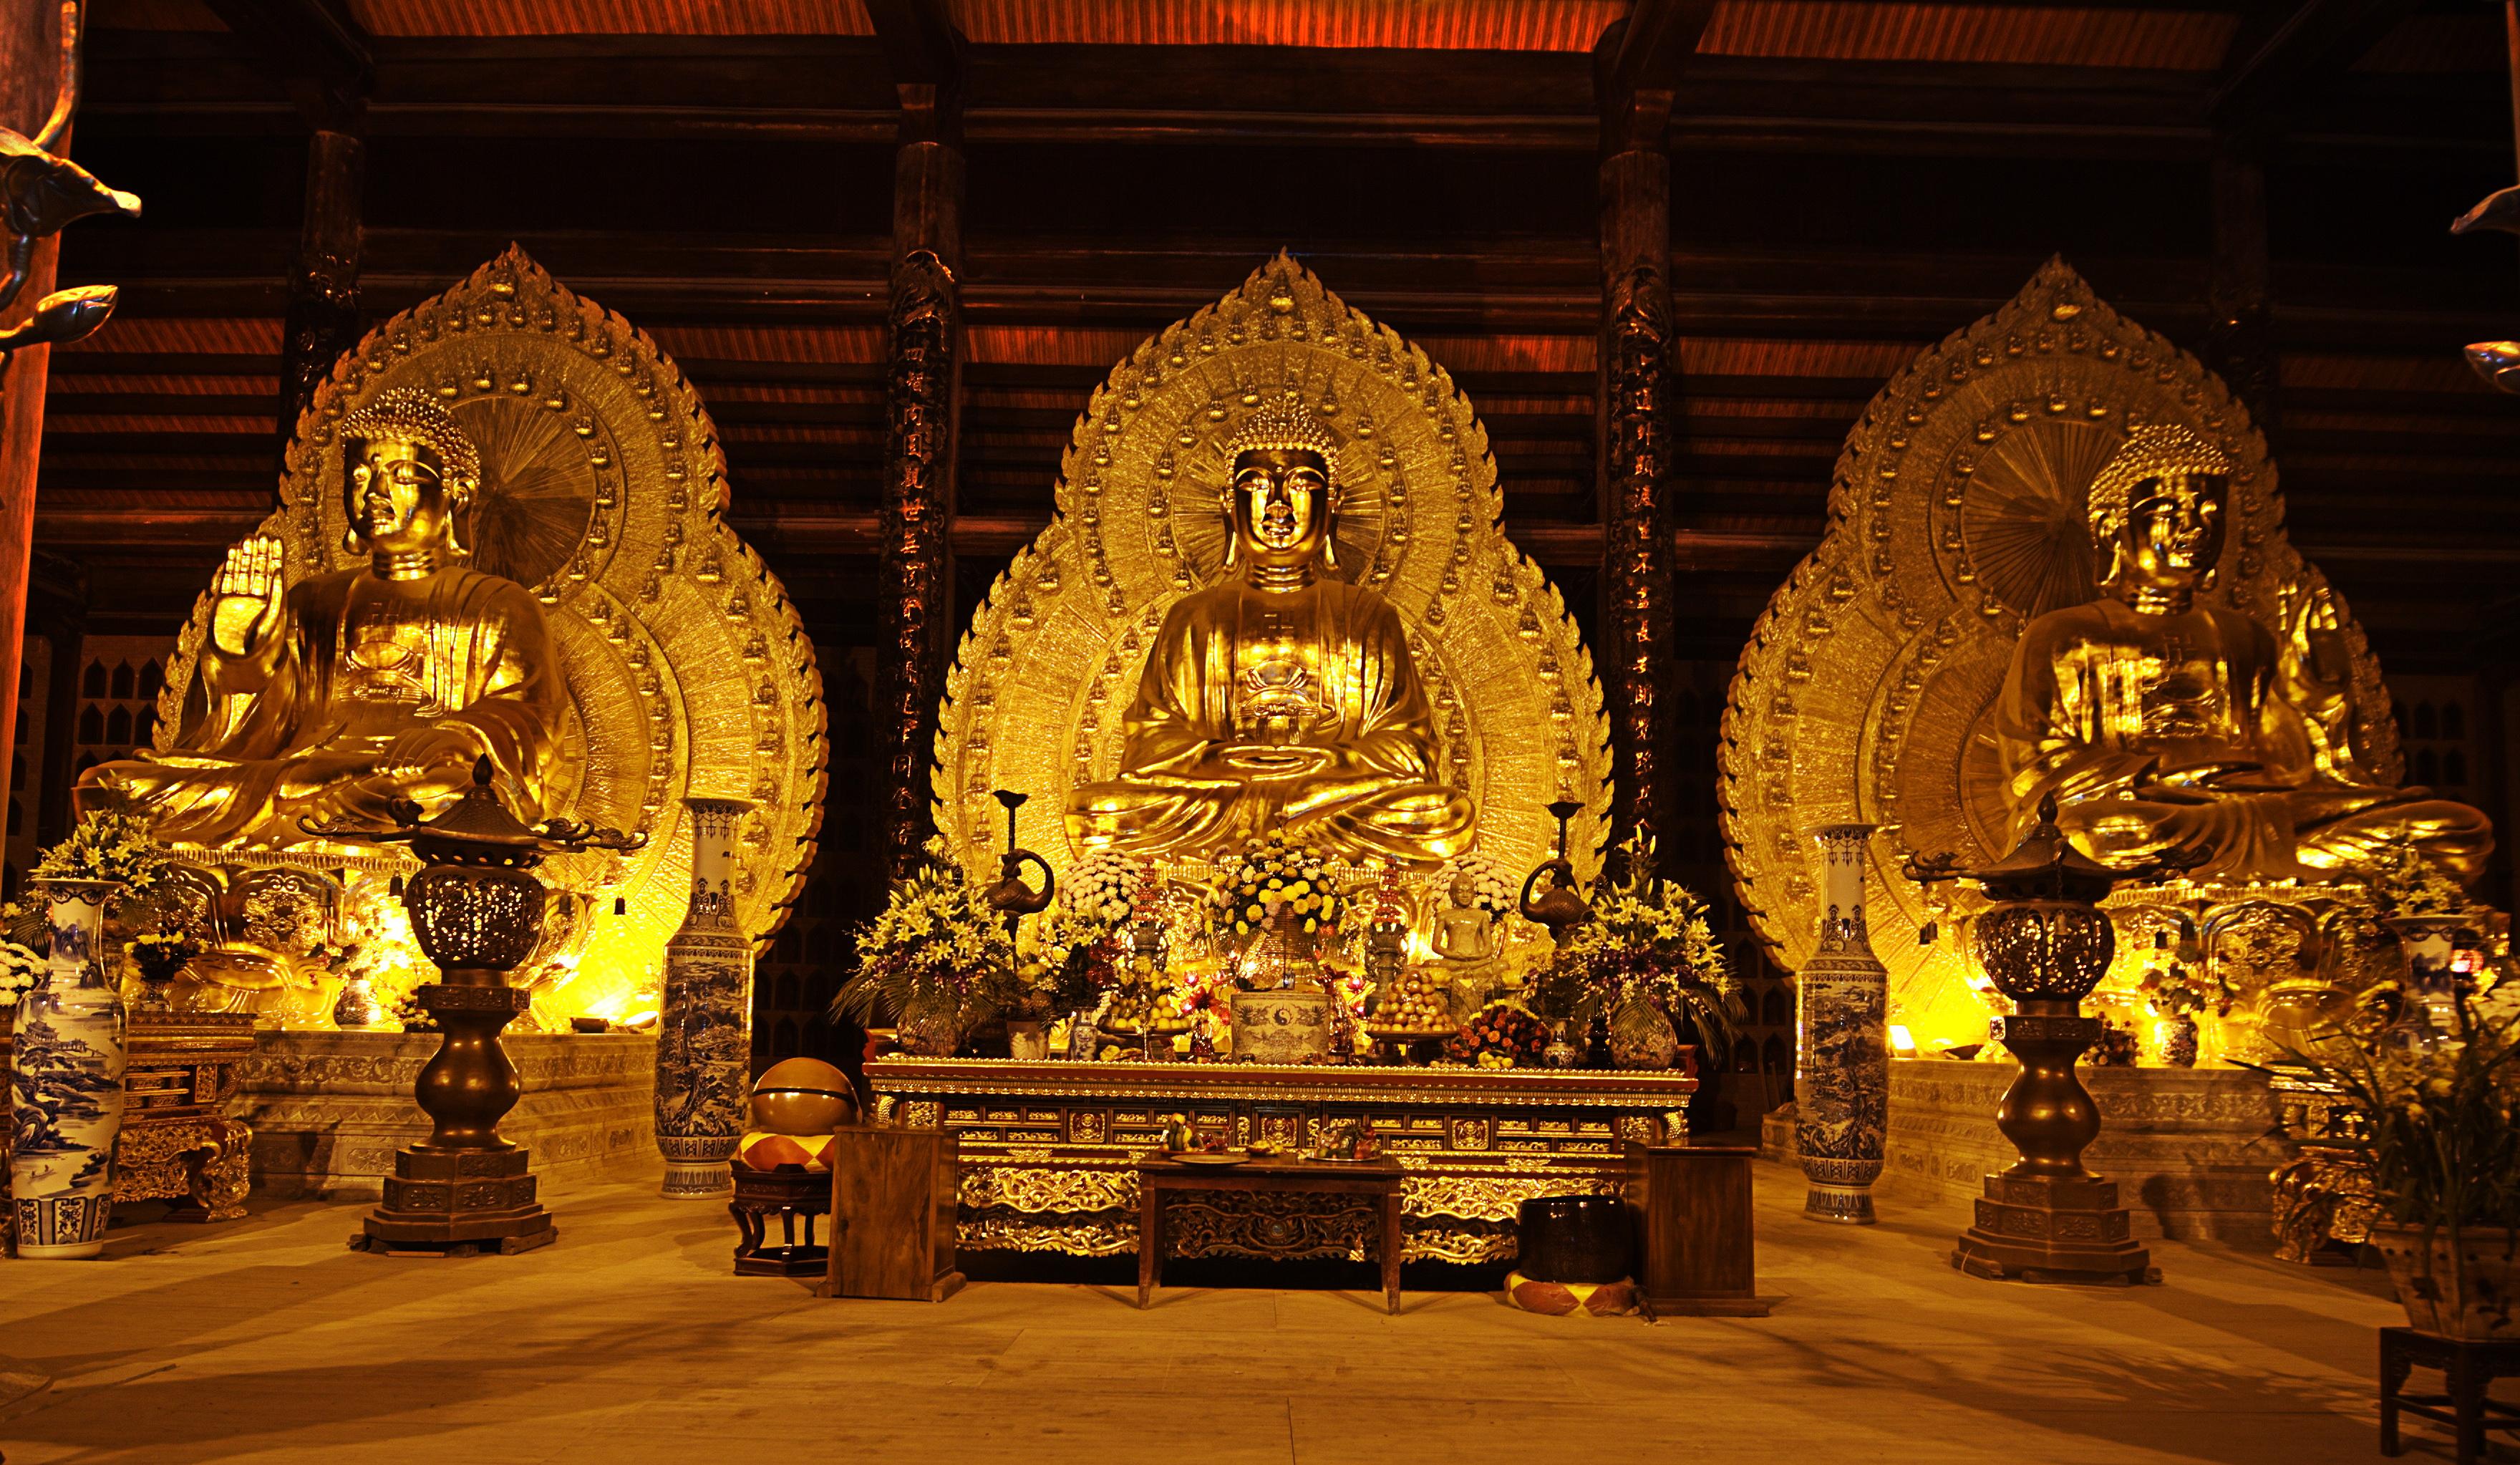 bai-dinh-pagoda-chua-bai-dinh